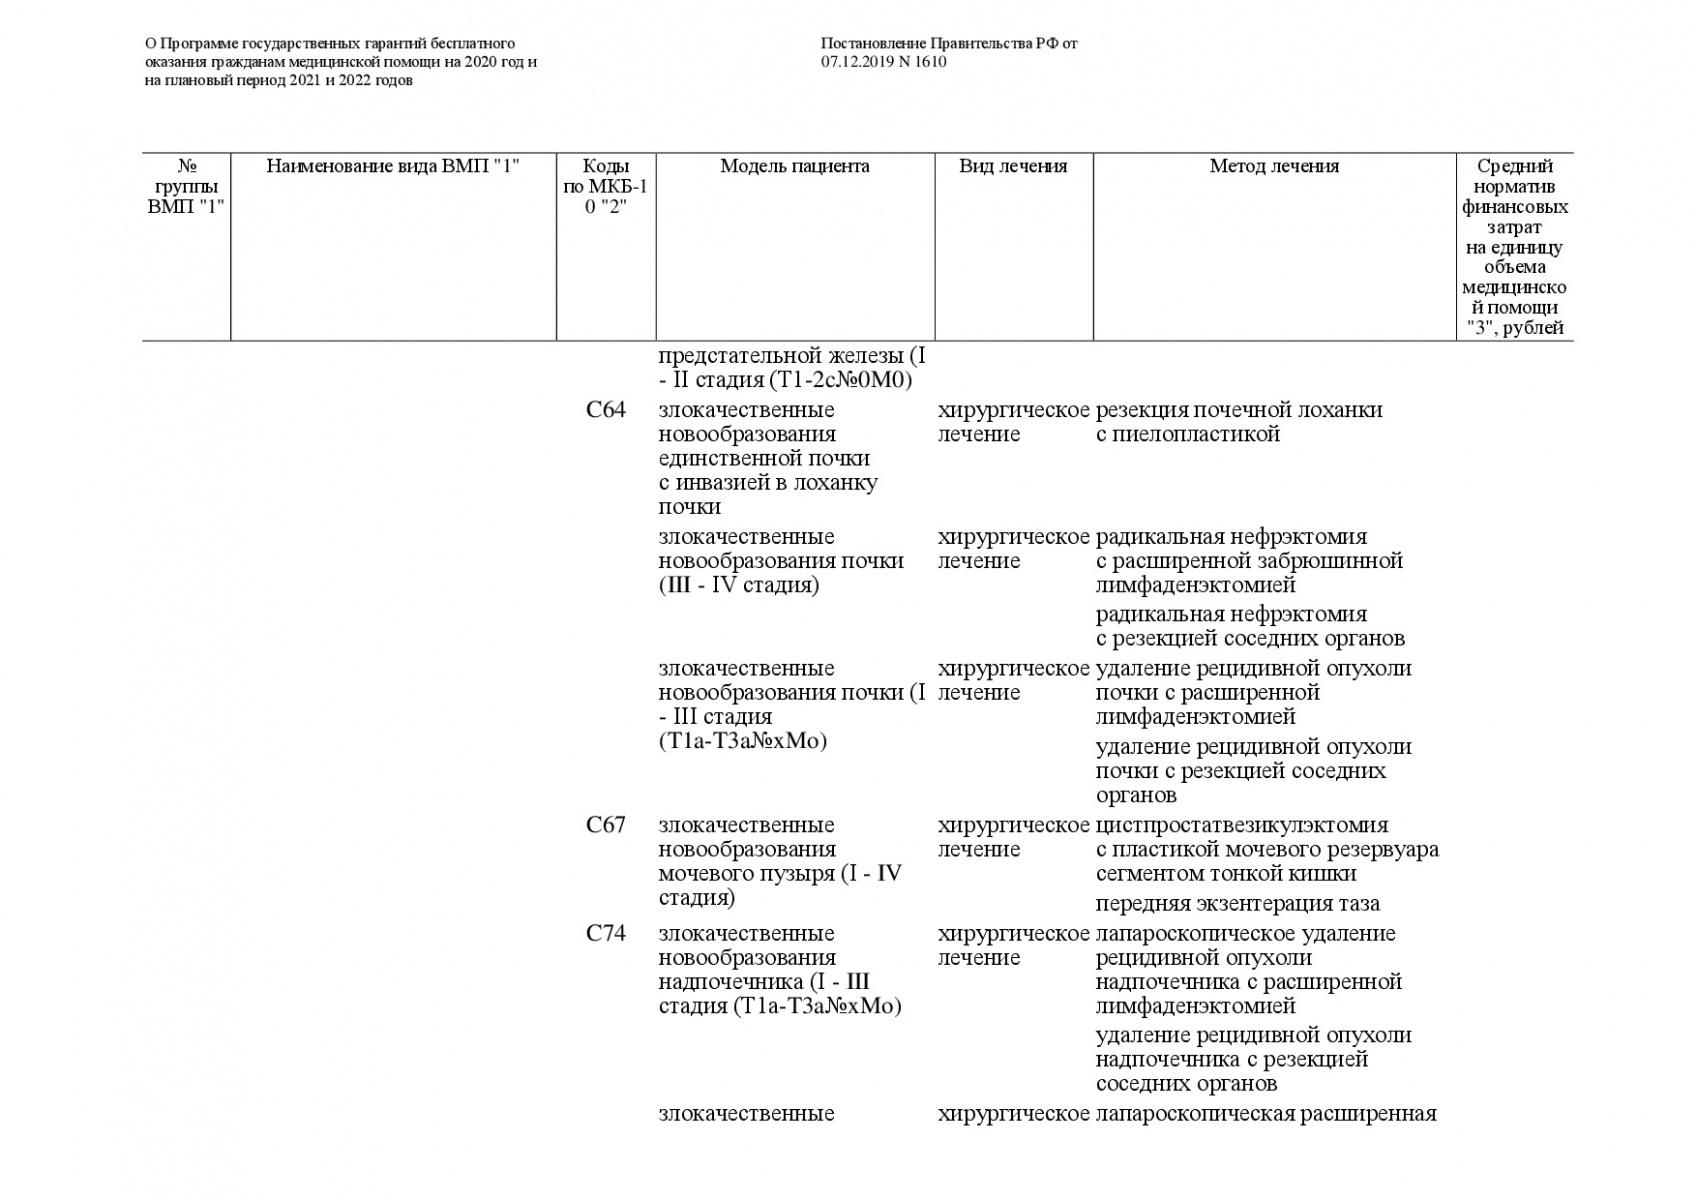 Postanovlenie-Pravitelstva-RF-ot-07_12_2019-1610-O-PGG-199